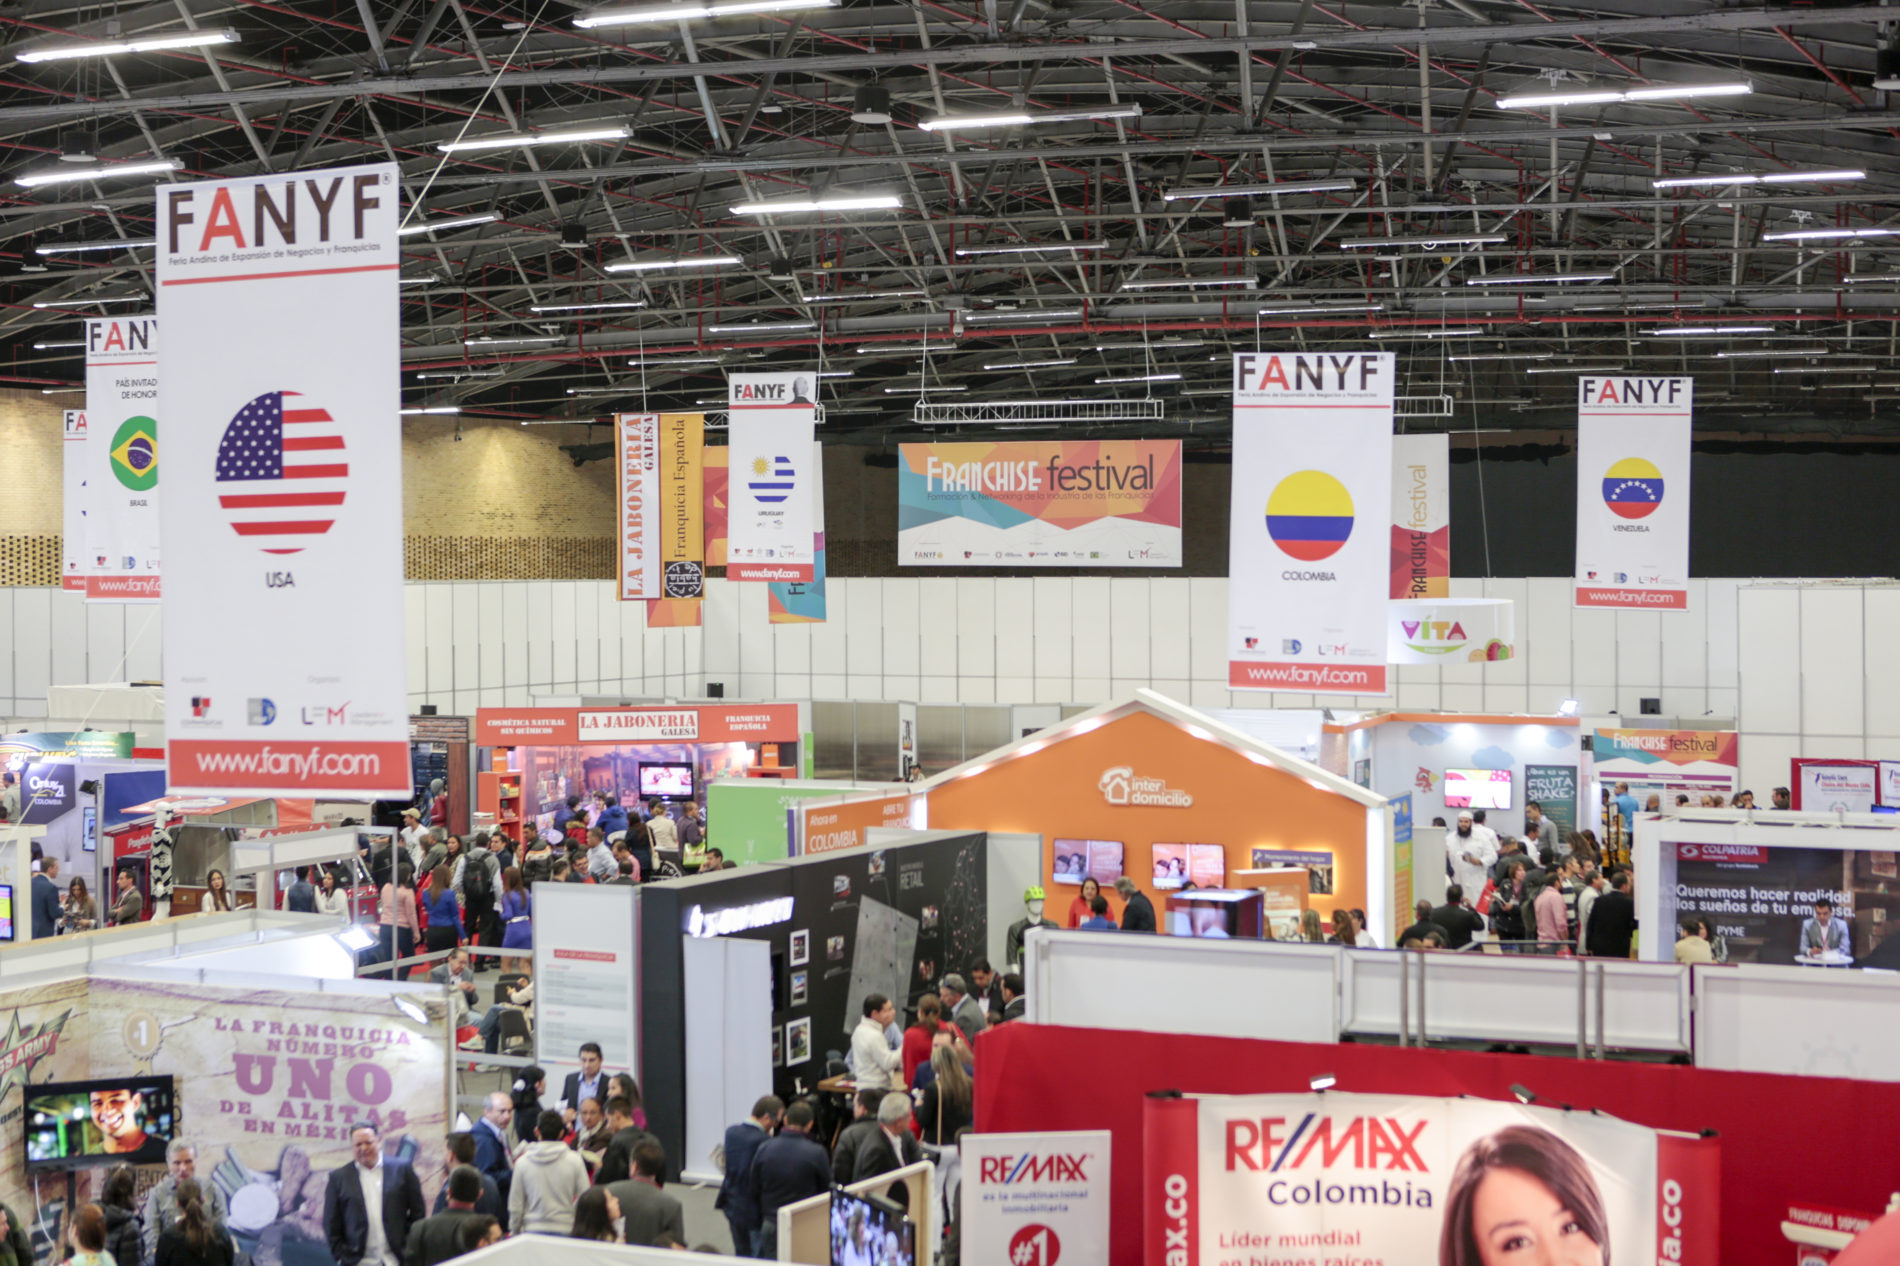 Festival de Formación en Franquicias Fanyf: la más importante actividad de capacitación en franquicias de Colombia e Iberoamérica